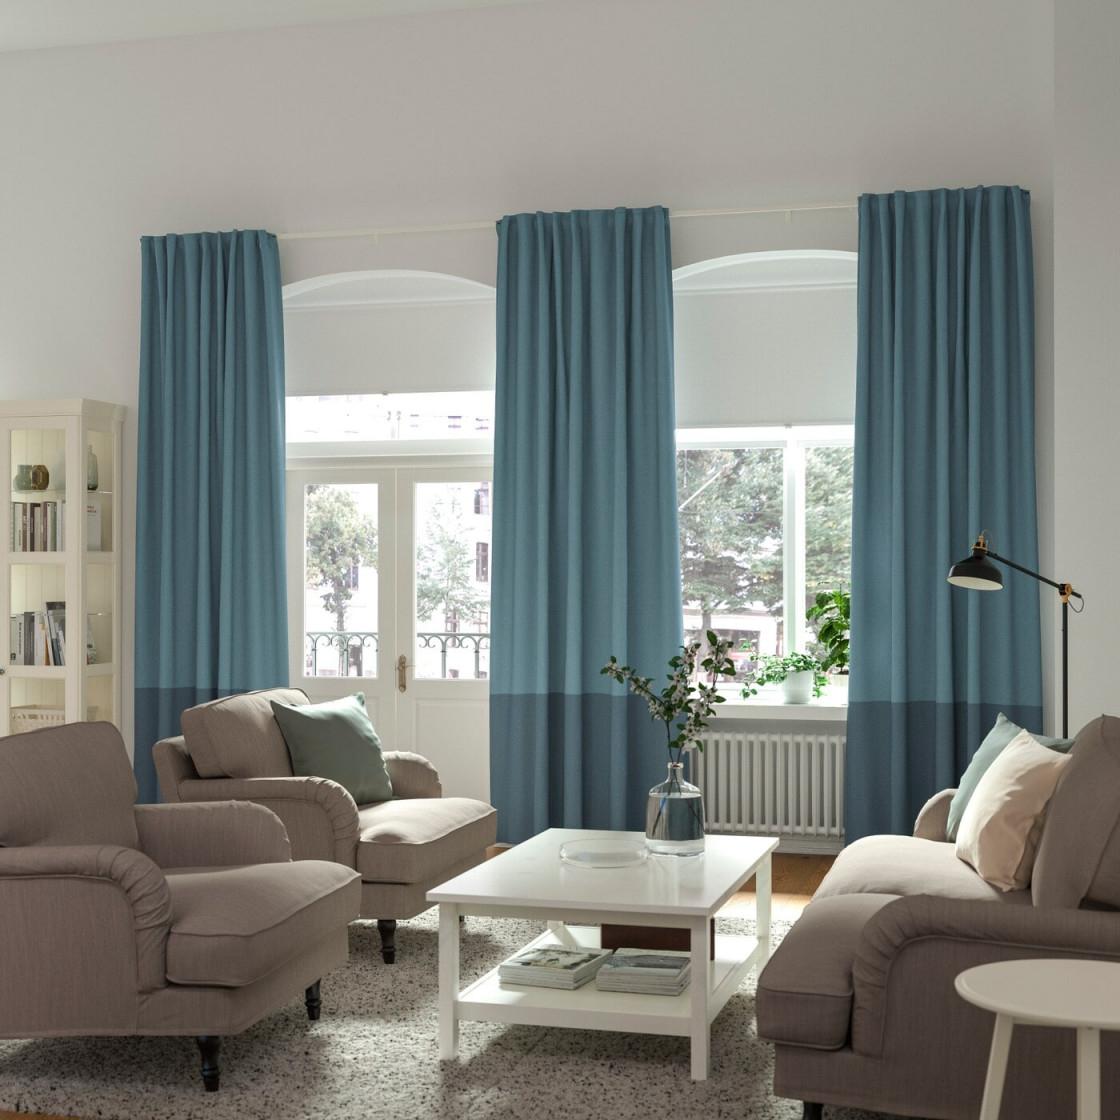 Gardinenideen Inspirationen Für Dein Zuhause  Ikea von Wohnzimmer Fensterfront Gardinen Bild